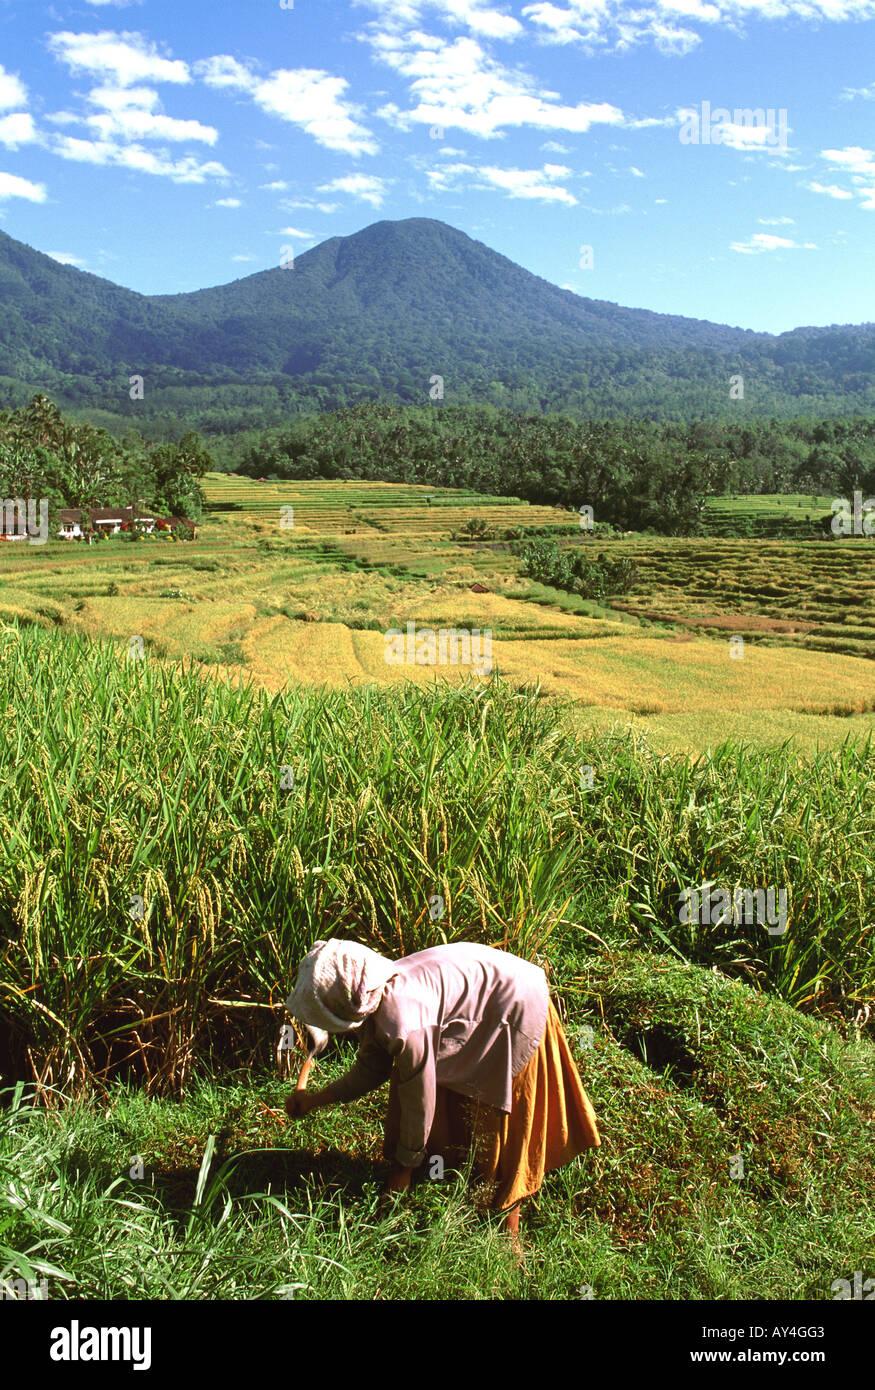 Indonesia Bali Jatiluwih and Mount Batukau Stock Photo